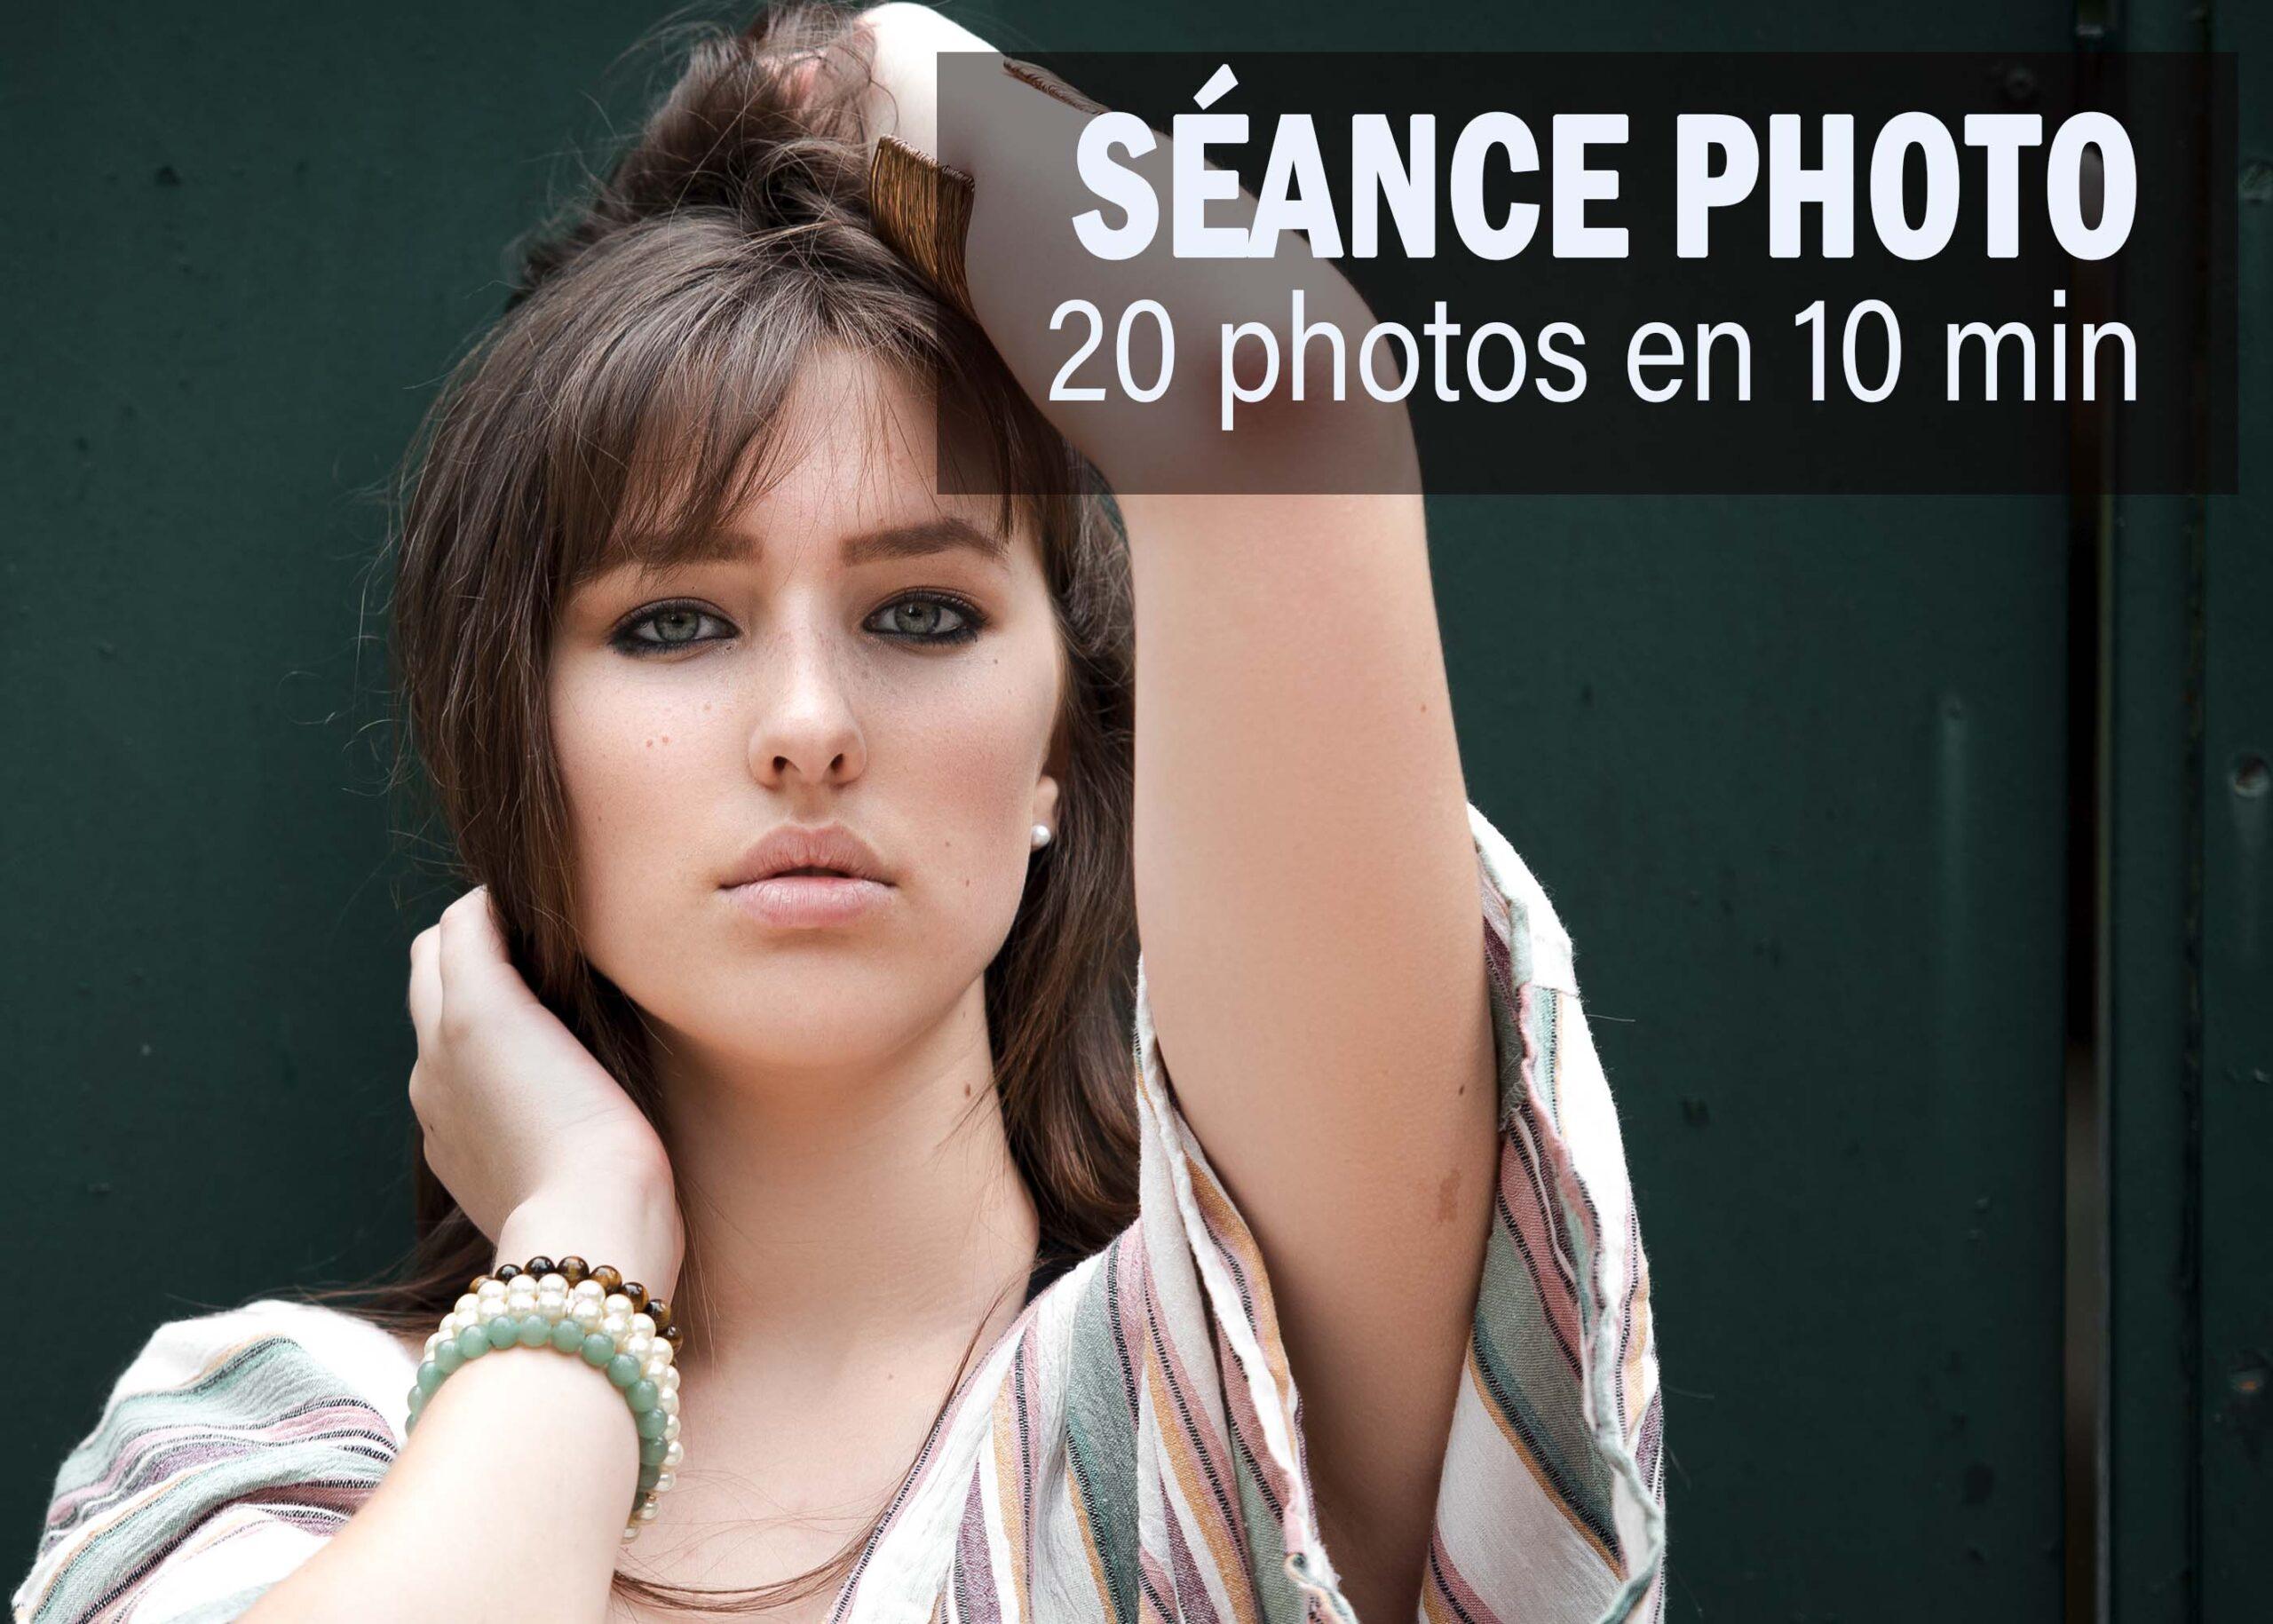 SÉANCE PHOTO A LA MANIÈRE DU PHOTOGRAPHE JORDAN MATTER !